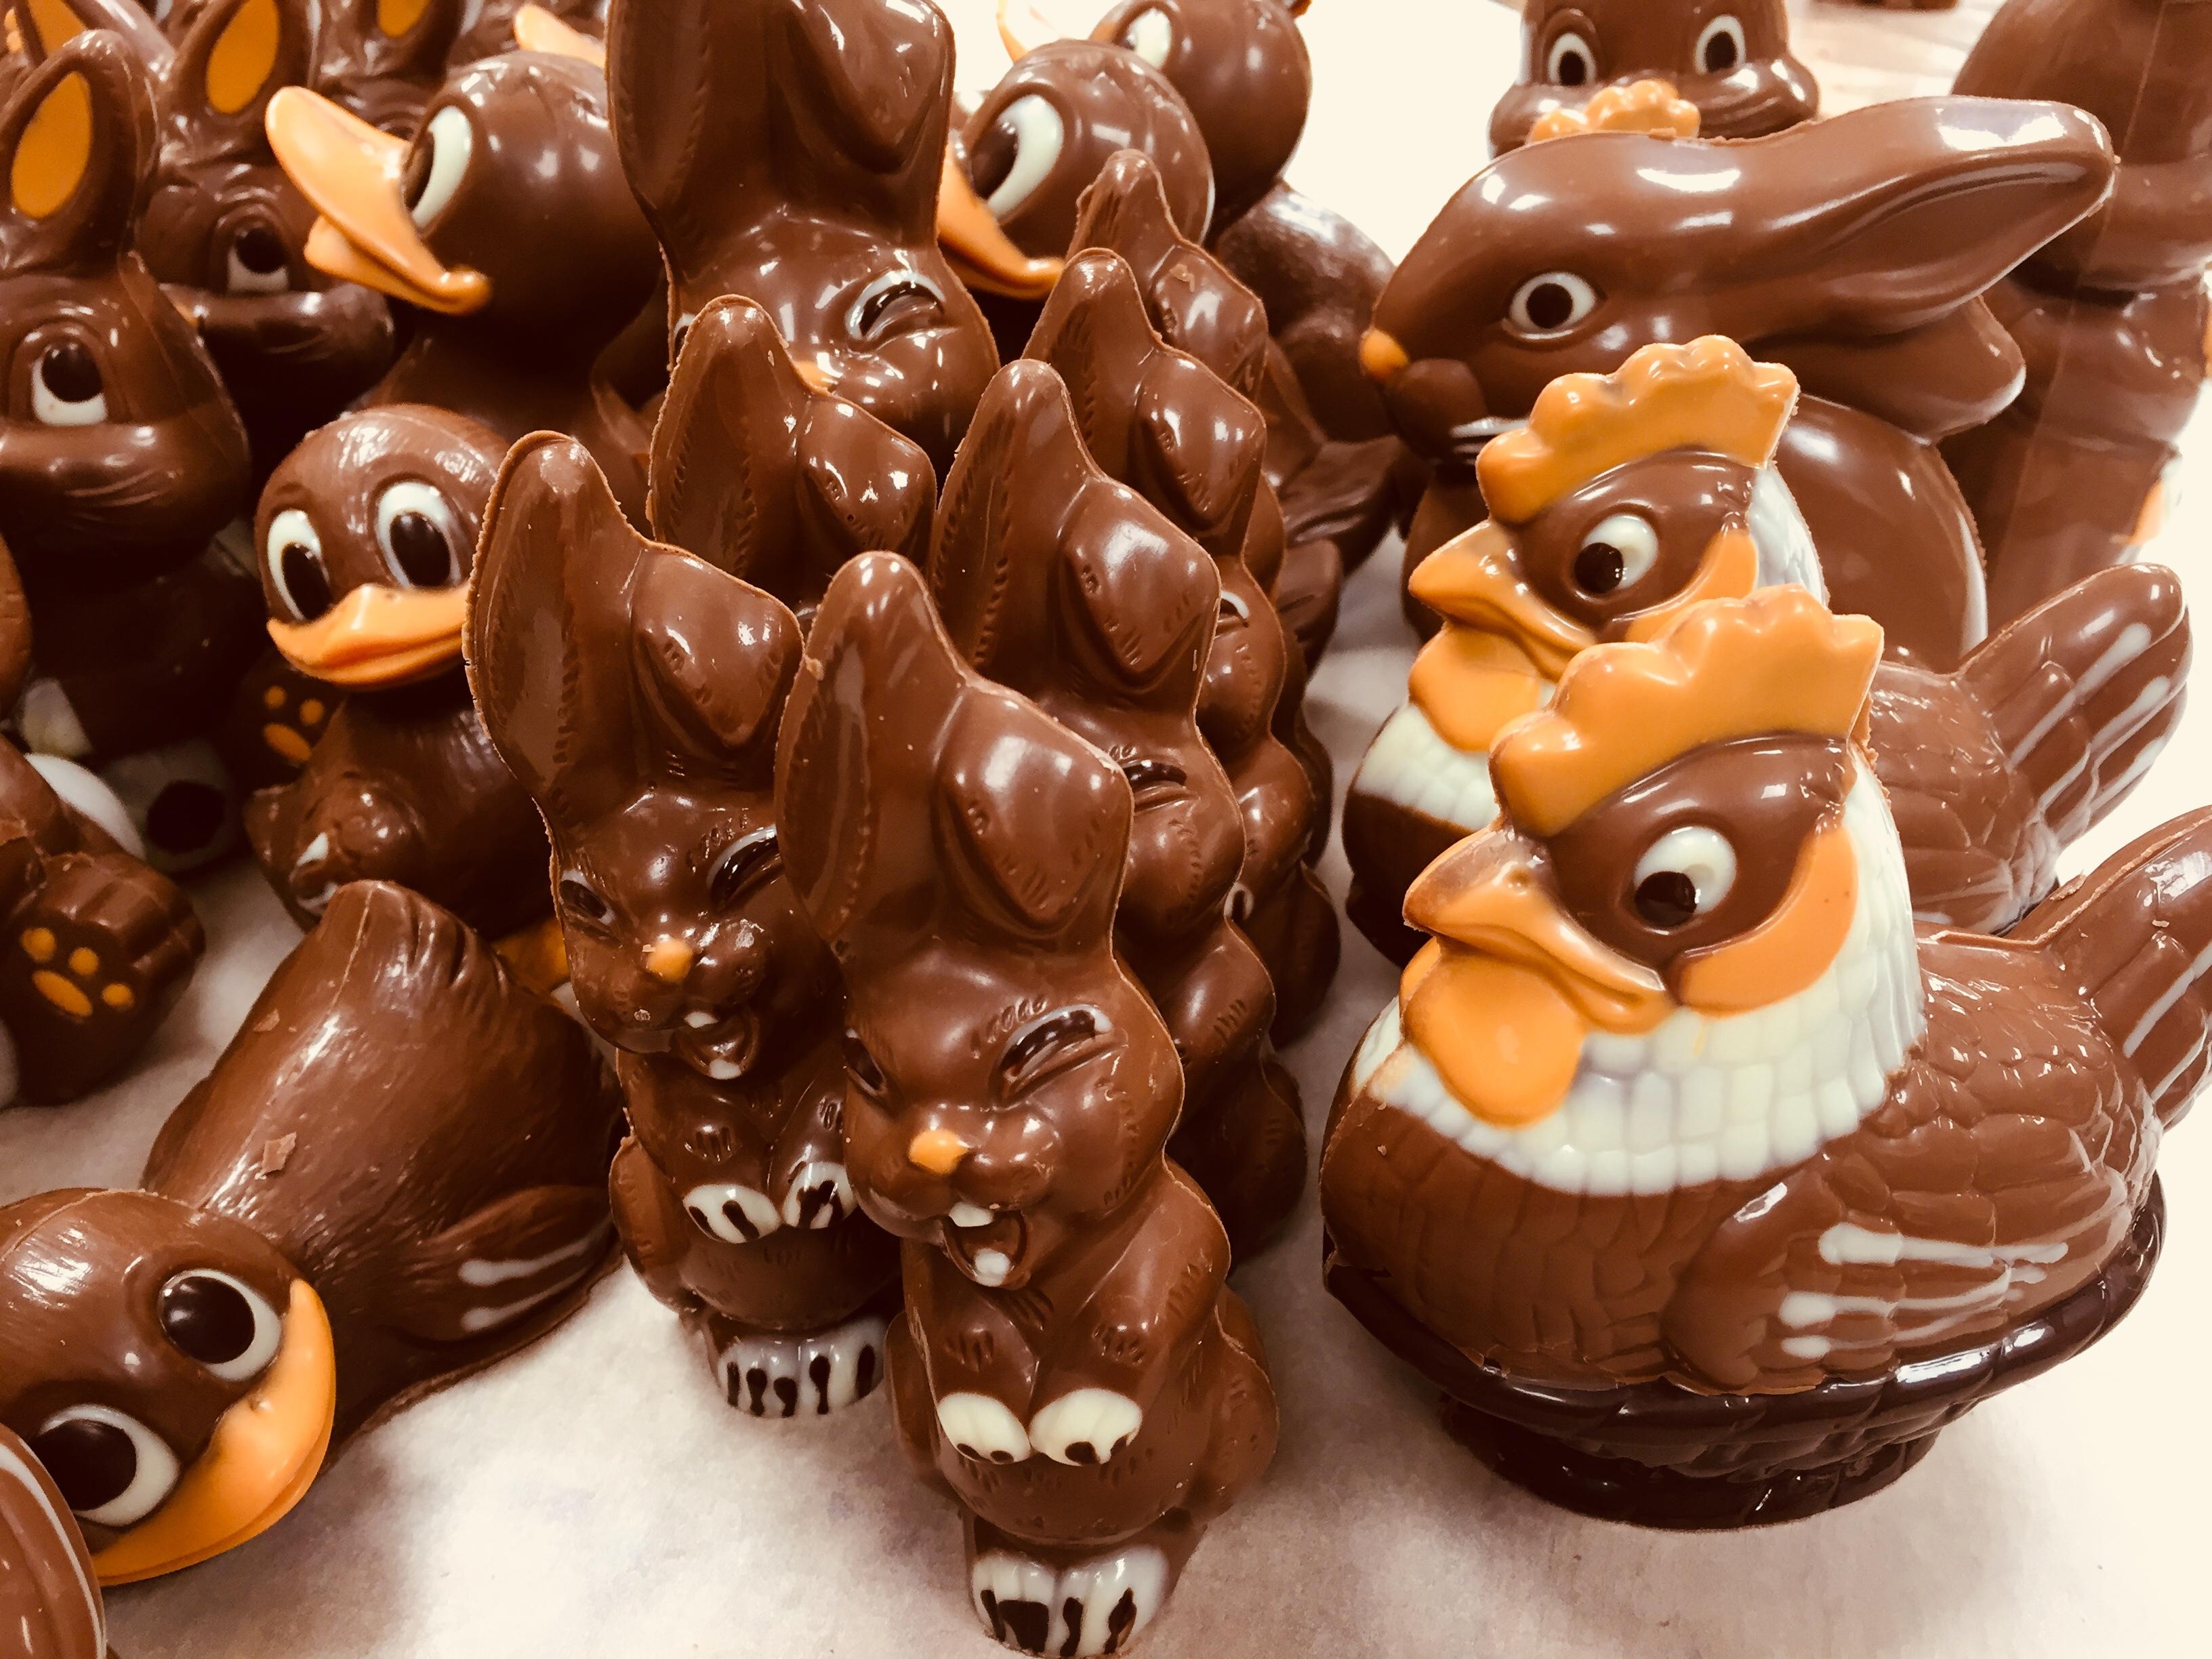 confiserie hedinger, aigle, monthey, confiseur, chocolatier, traiteur, spécialités, maison, pâques, lapins, oeufs, poules, confiserie, lapins crétins